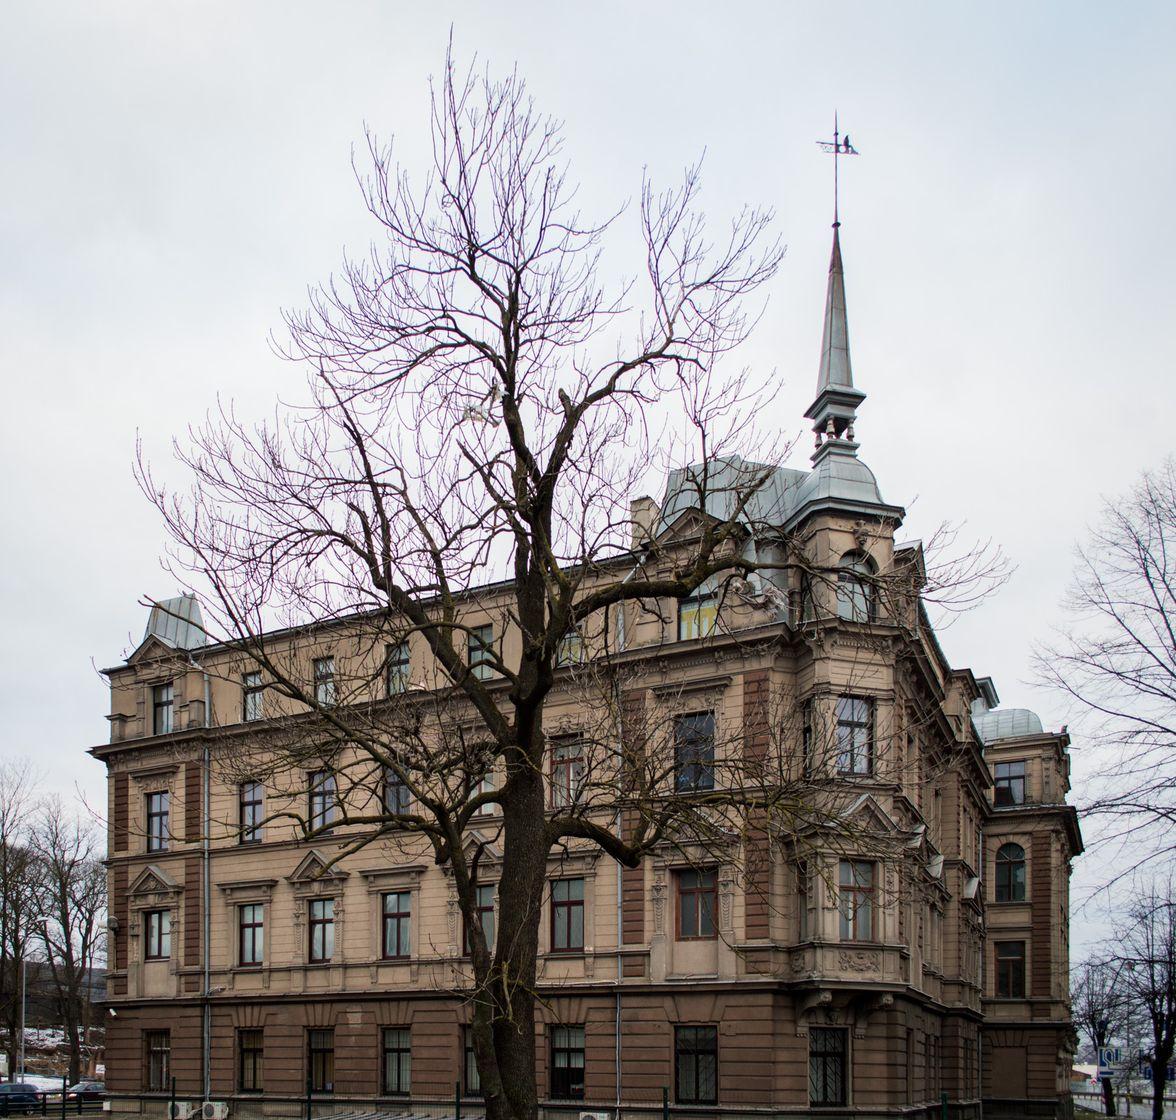 Красивый доходный дом, построенный в стиле эклектизма, проектировал известный архитектор Вильгельм Гофман (1869 – 1945). На его «счету» в Риге более 40 многоэтажных каменных зданий, в том числе замечательные угловые дома на ул. Нометню 7а, бульваре Узварас 2 и ул. Стабу 13.